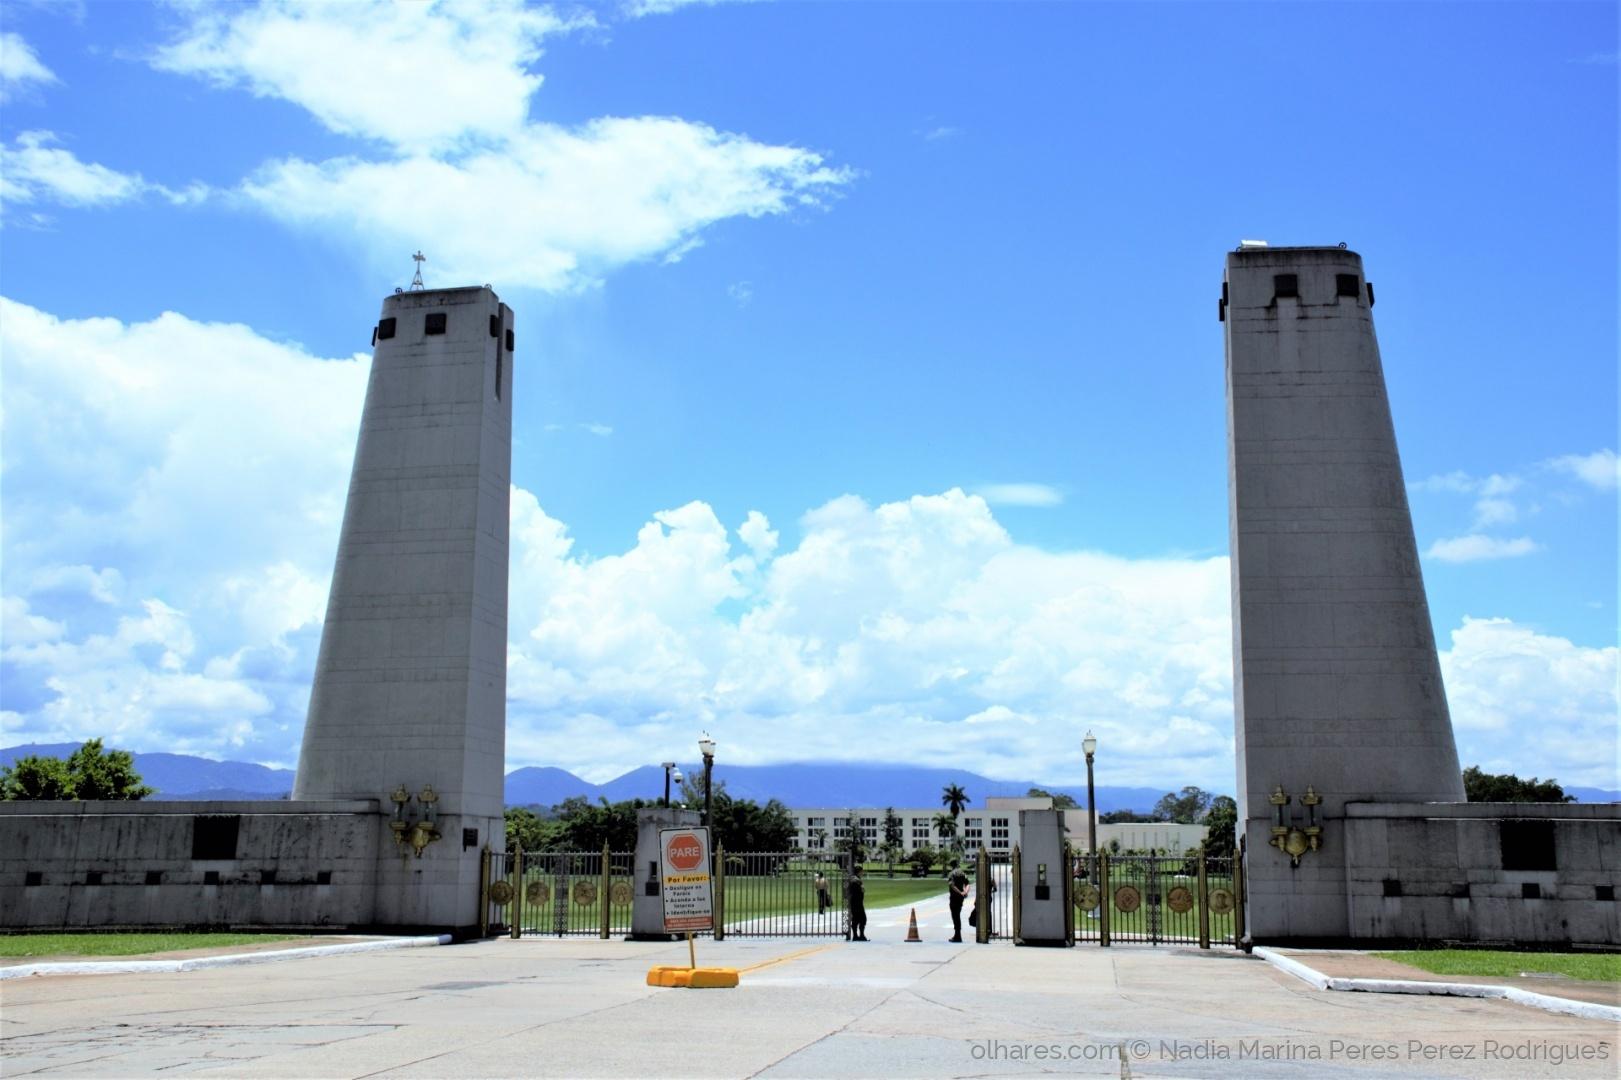 Paisagem Urbana/Portal de entrada da Academia Militar....